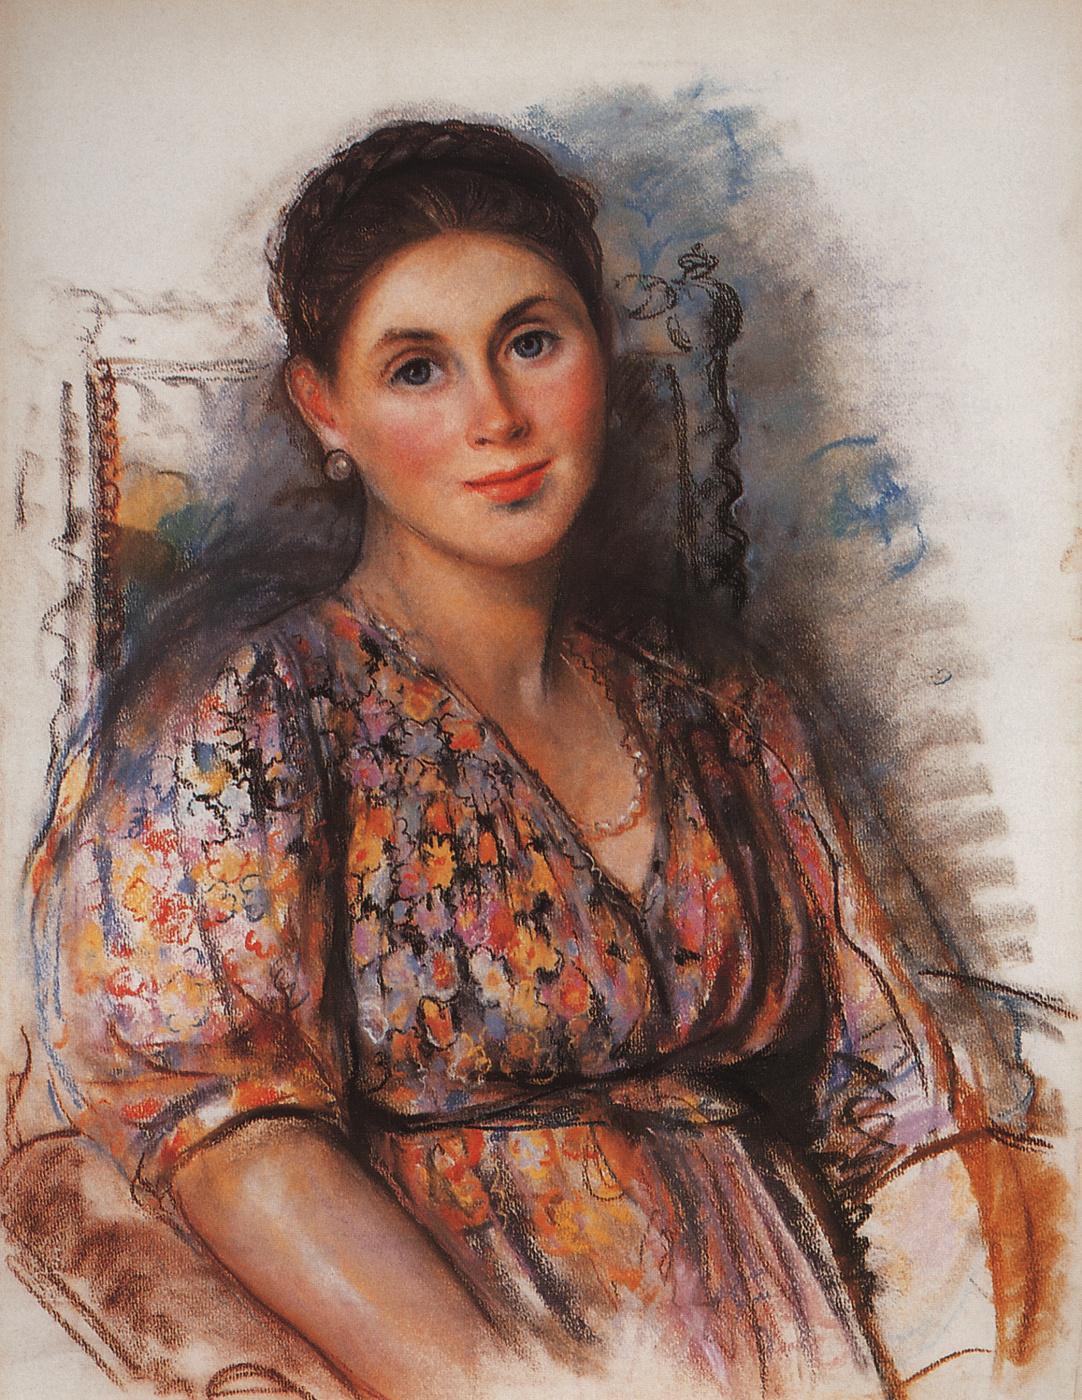 Зинаида Евгеньевна Серебрякова. Графиня Санкт-Ипполит, урожденная кн. Трубецкая